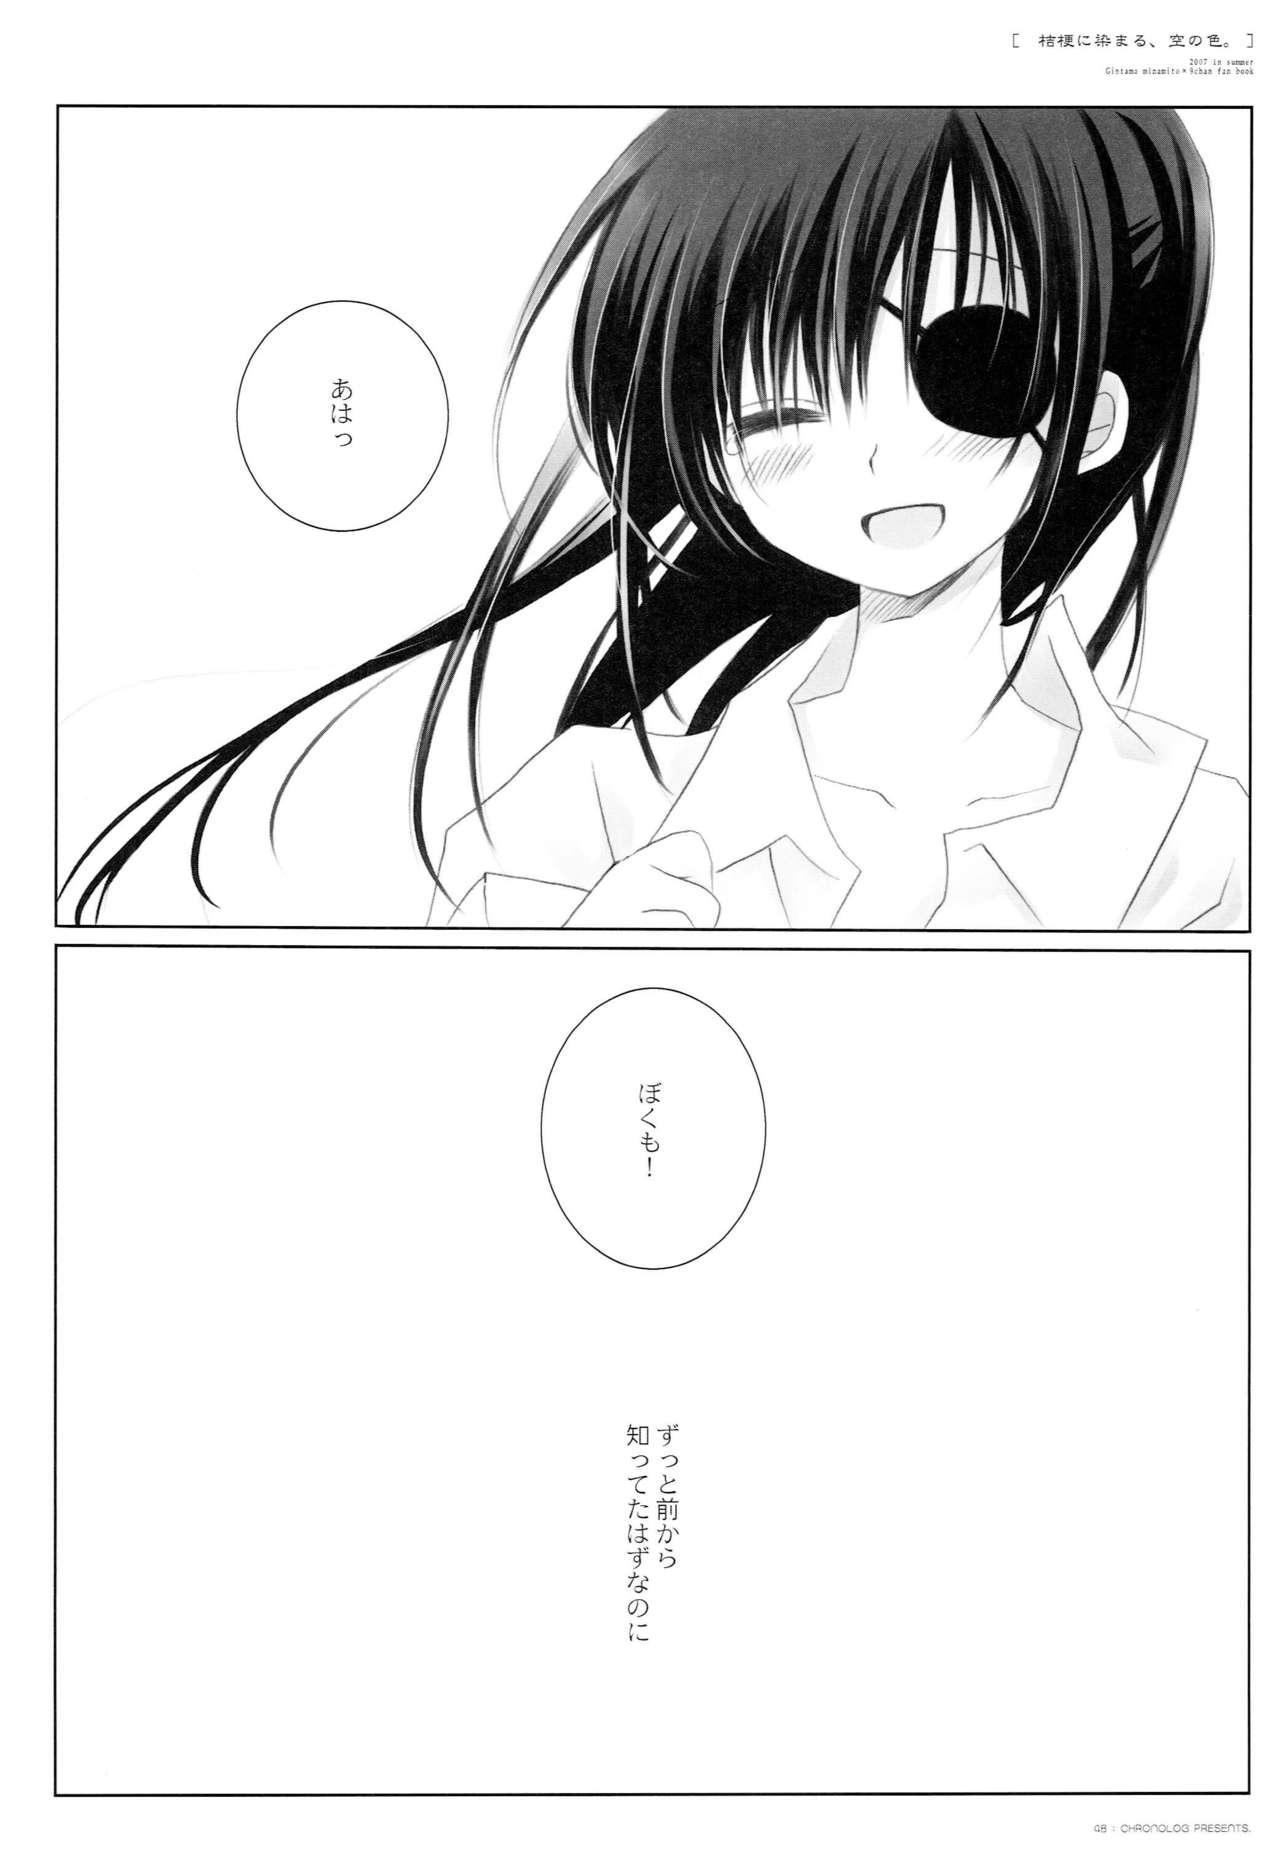 Kikyou ni Somaru Sora no Iro 46